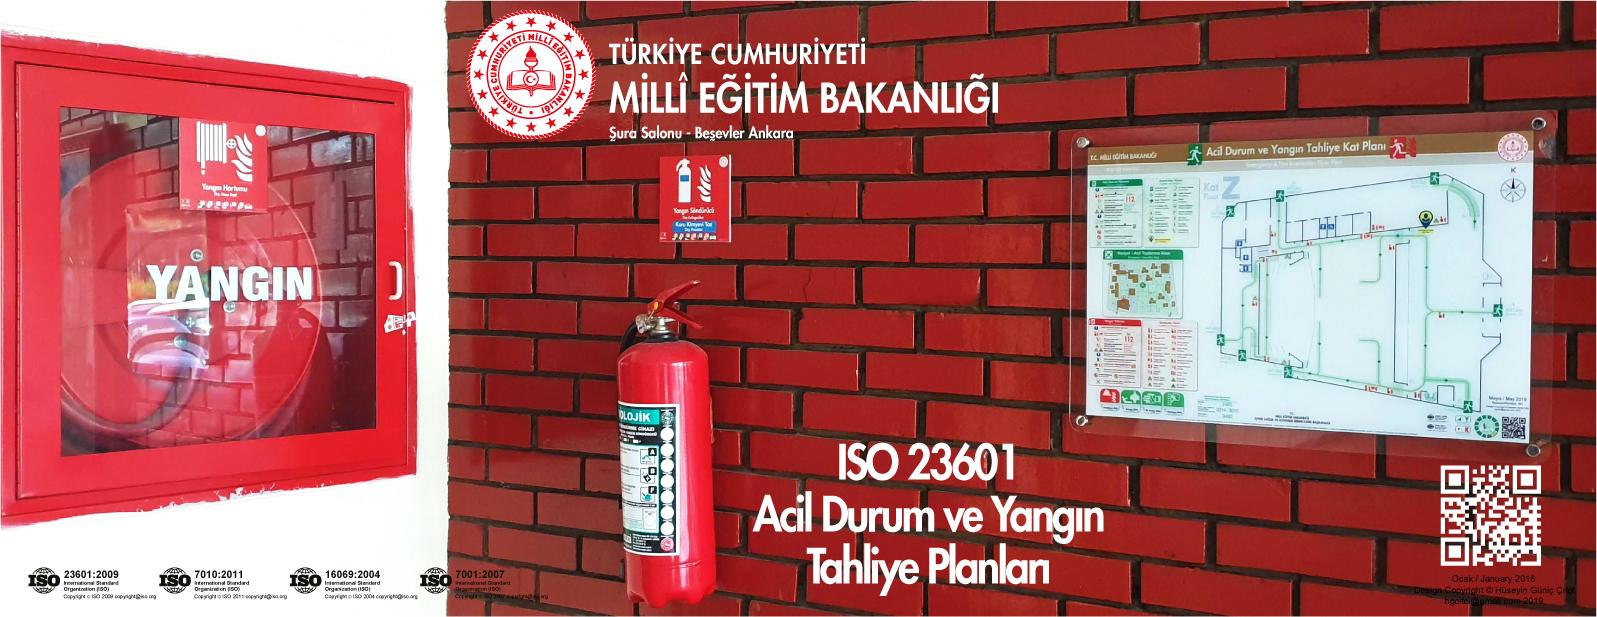 ISO 23601 Acil Durum Ve Yangın Tahliye Kat Planları MEB Şura Salonu Binası Beşevler Ankara